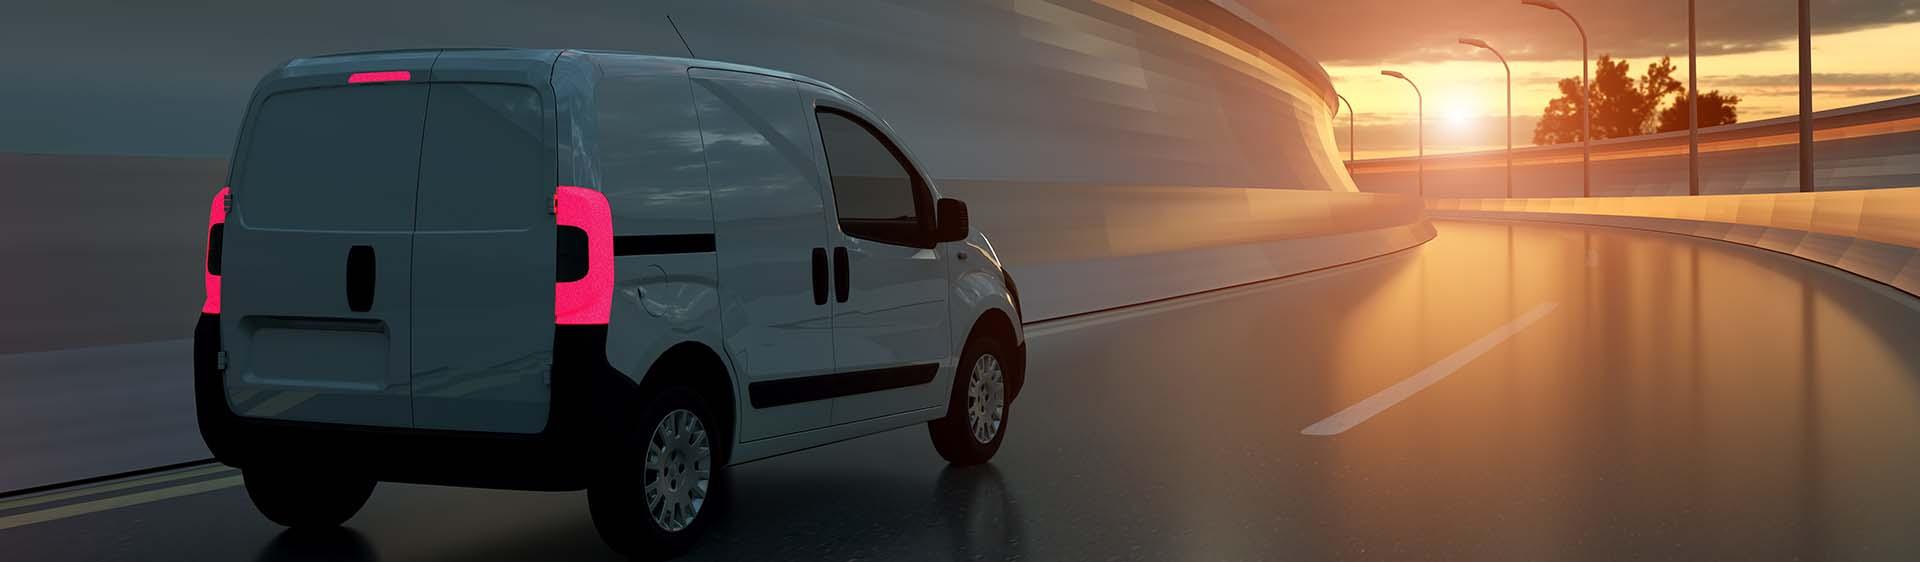 Orlando Transportation Broker, Logistics Services and Transportation Logistics